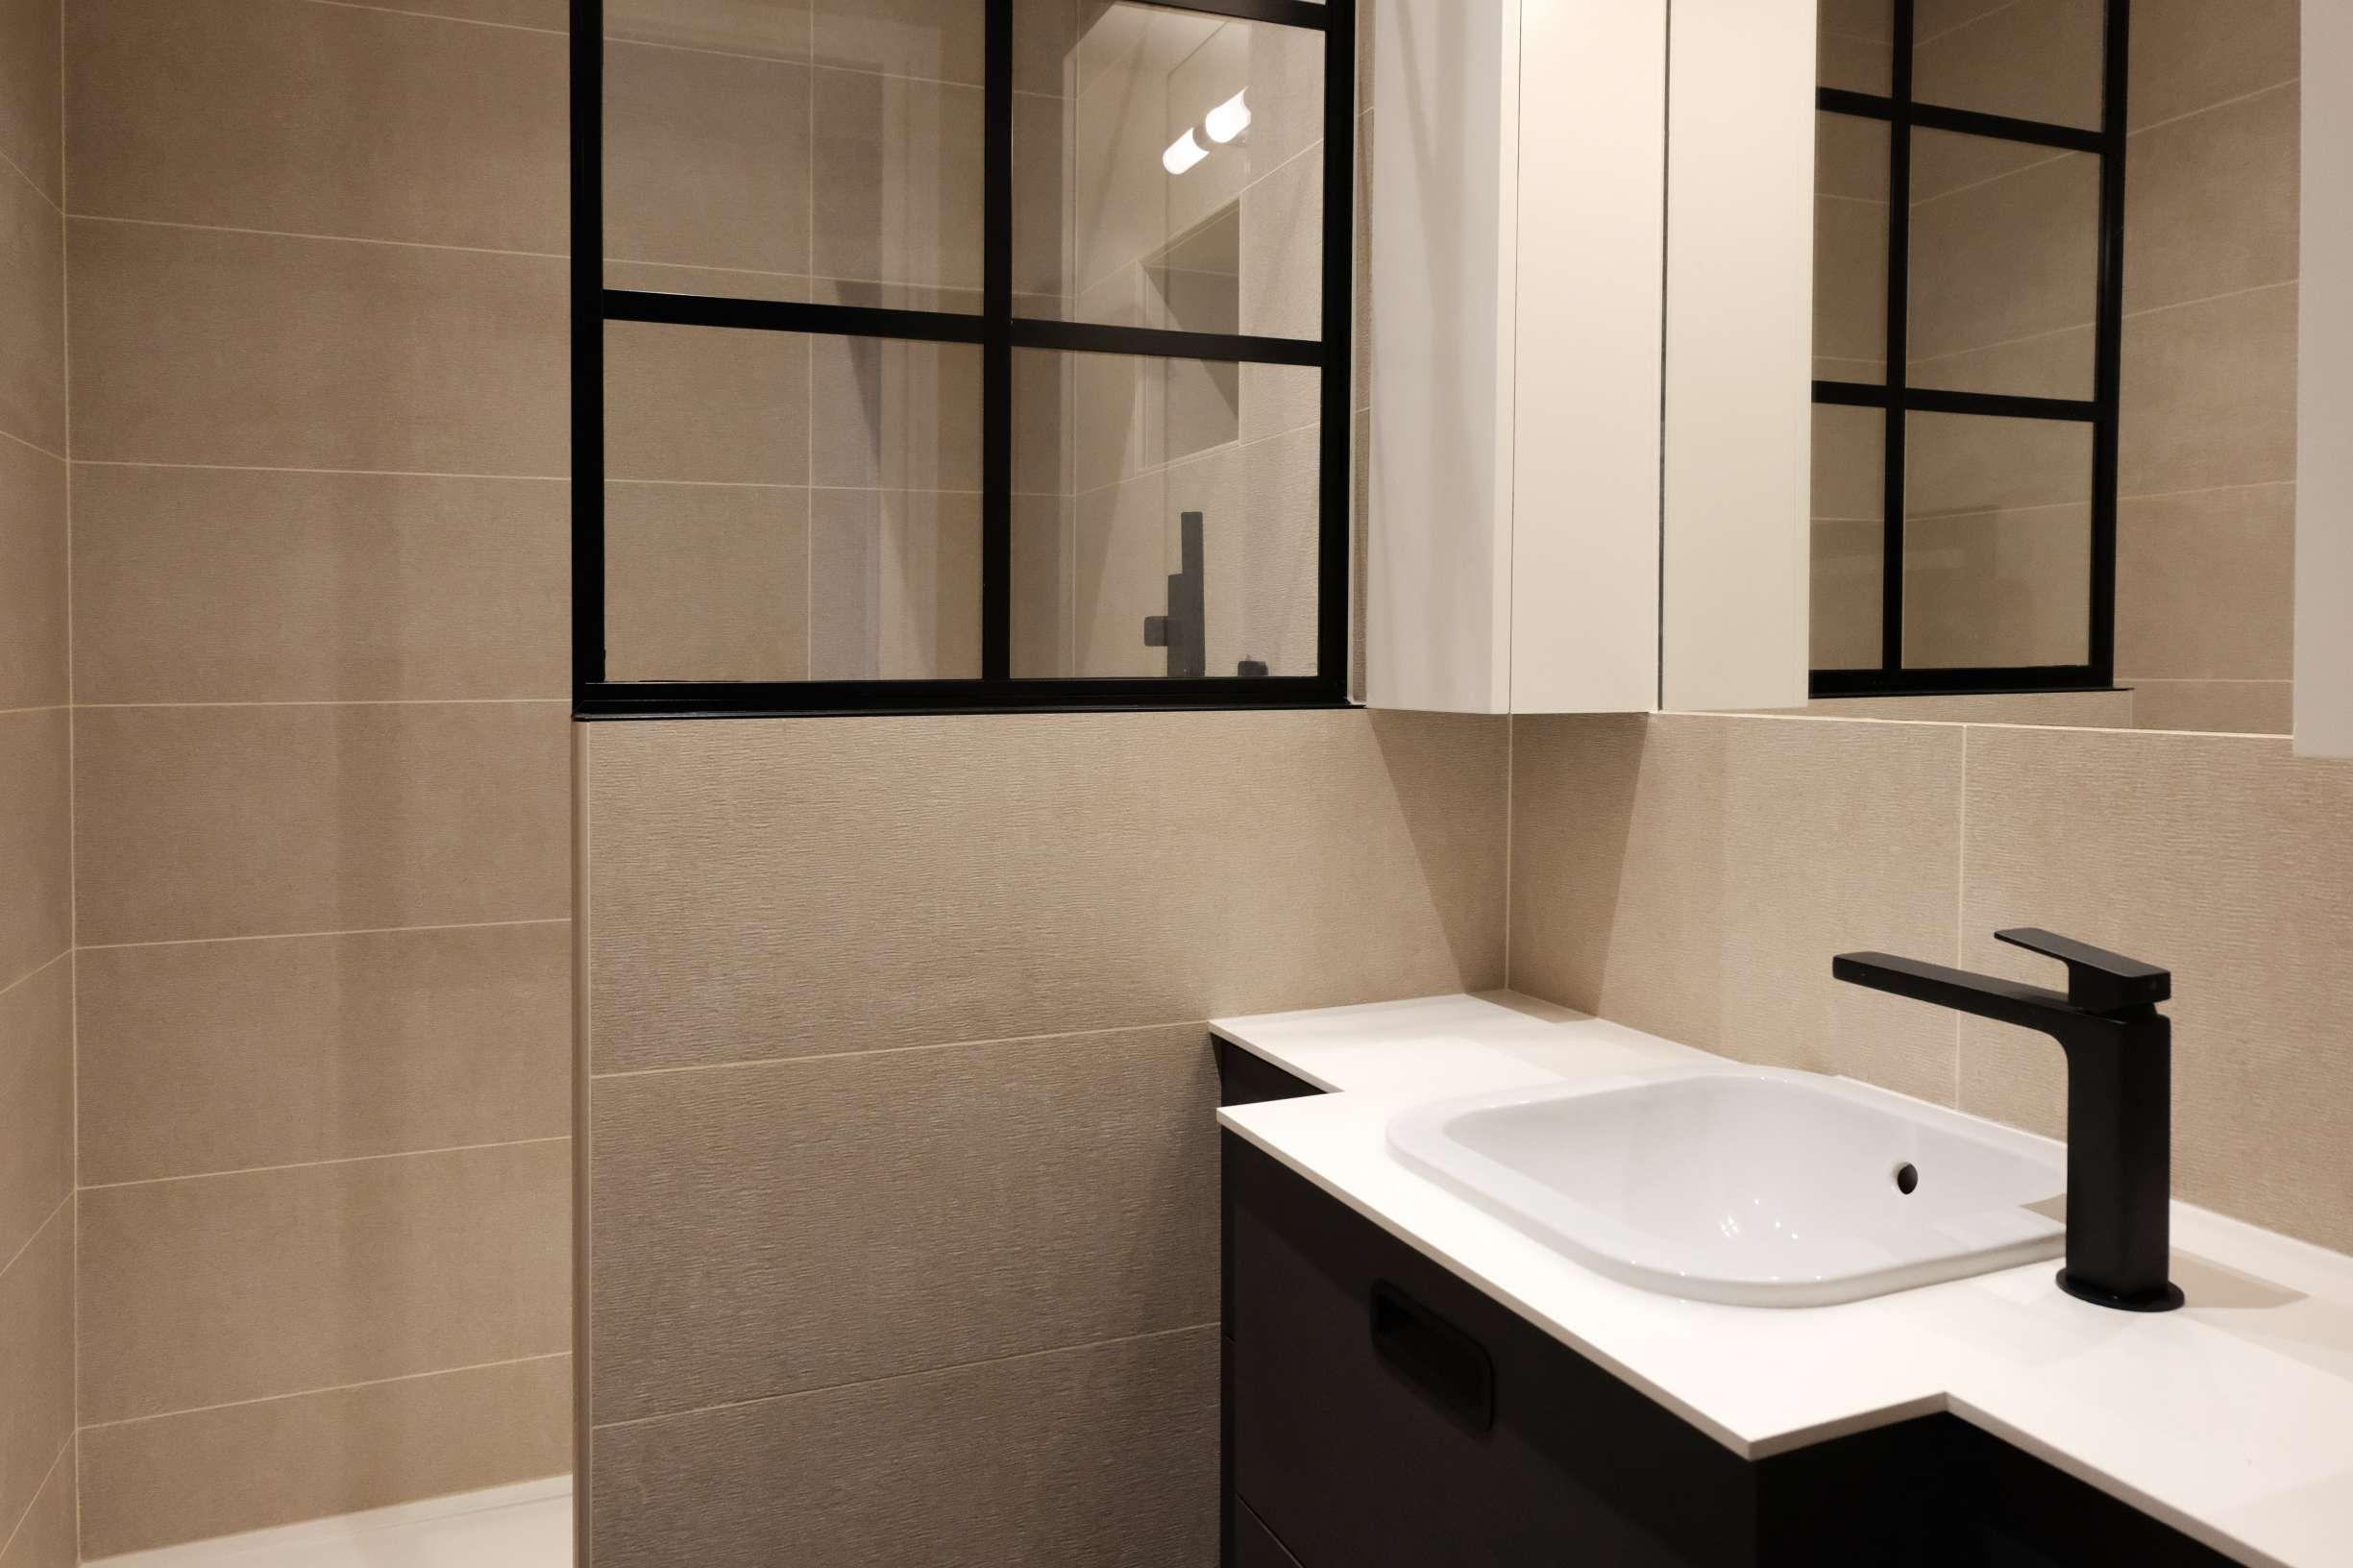 Cloison de séparation entre la douche et le meuble vasque